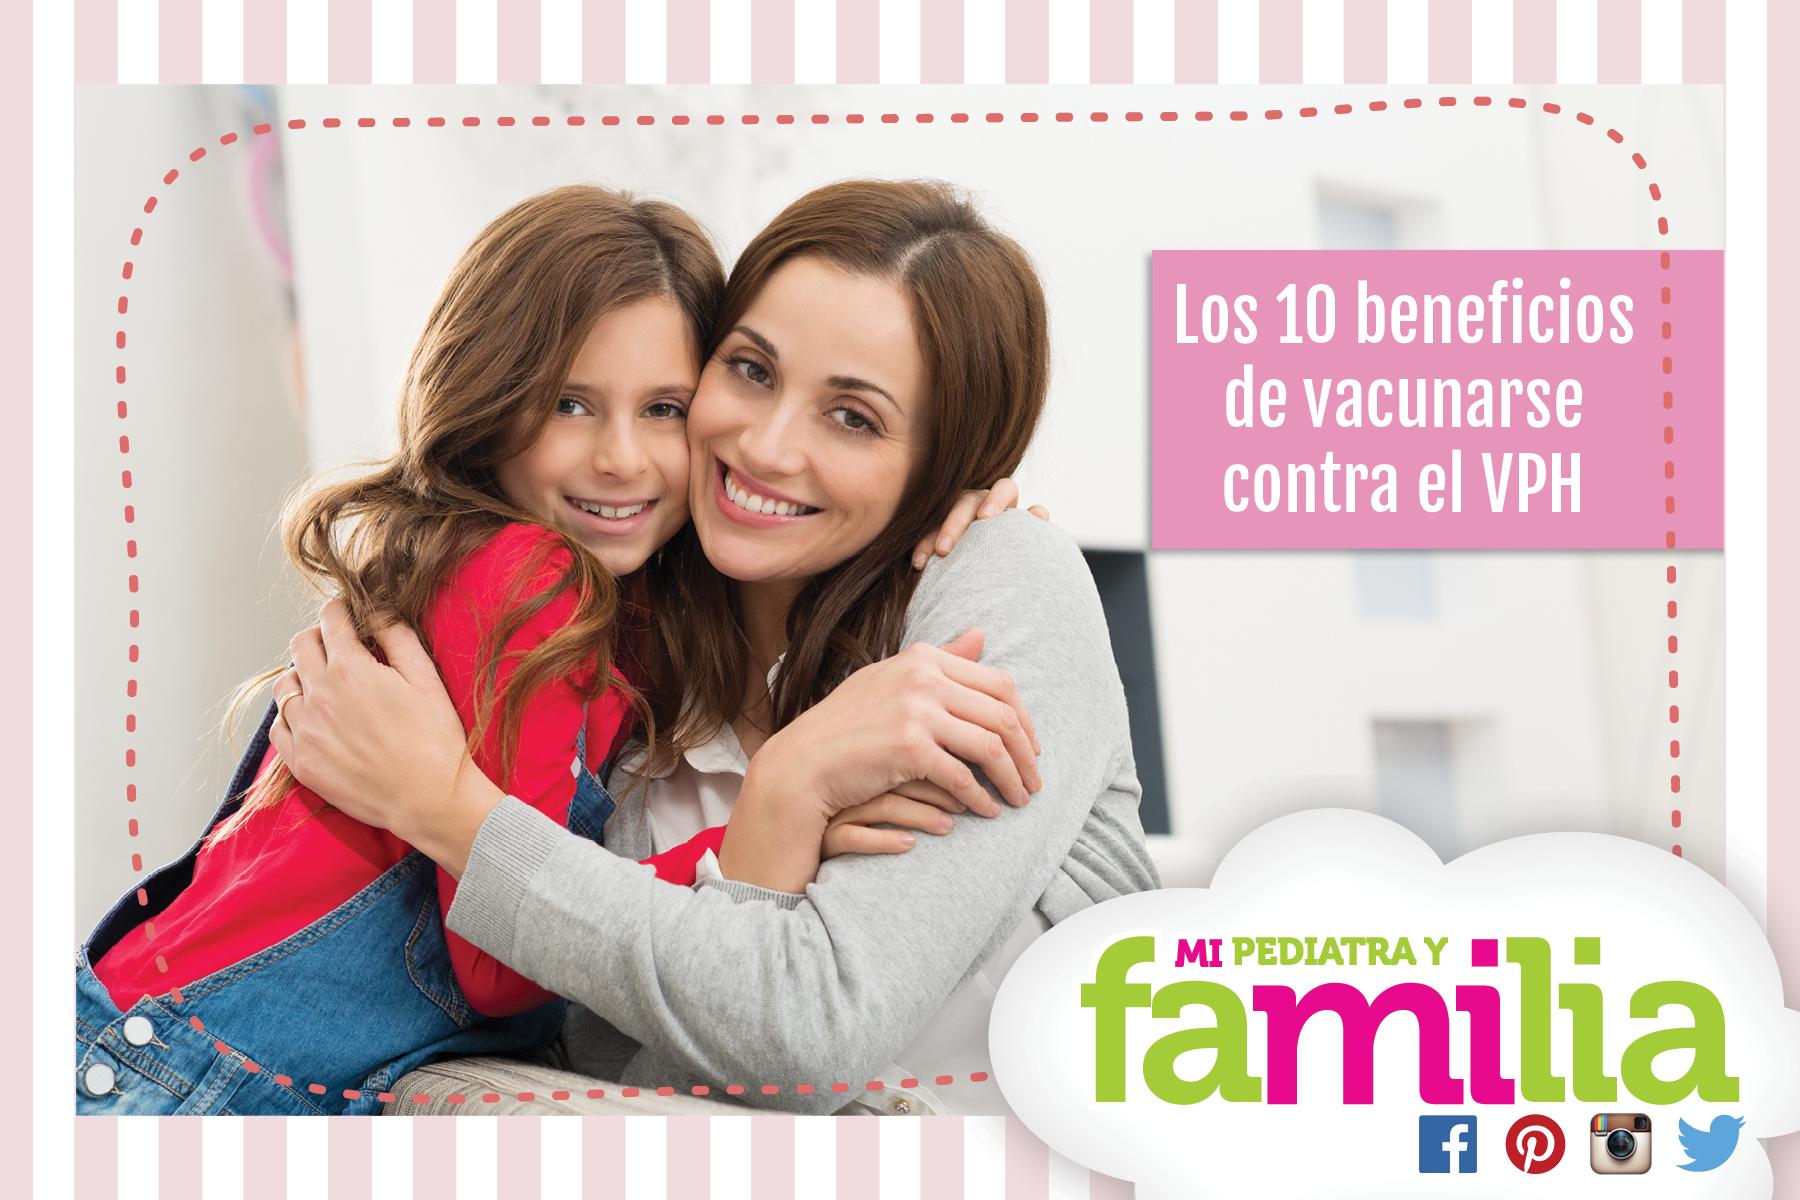 Mi Pediatra y Familia - Los 10 beneficios de vacunarse contra el VPH #mipediatrayfamilia #queremosniñossaludables